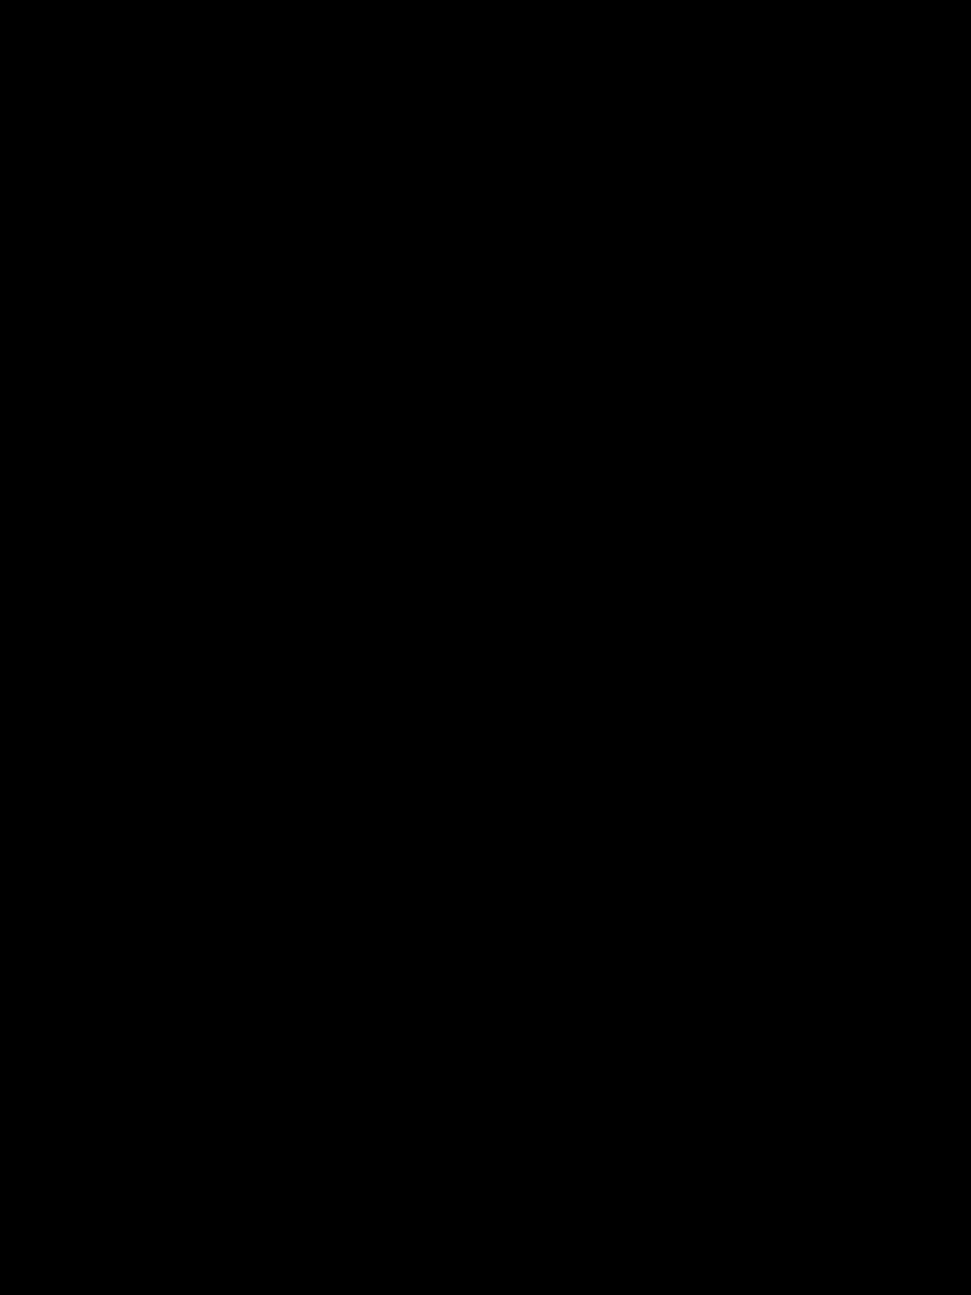 32531B83-3E13-47D2-9D87-C10D678D392D.JPG